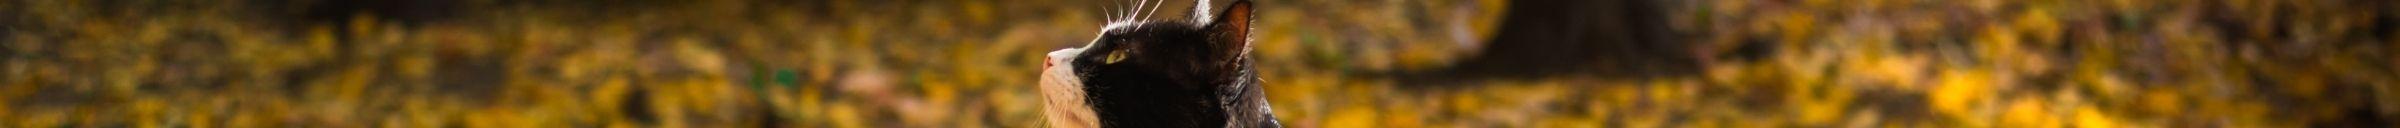 kintone ポータル スペース カバー画像(猫シリーズ)135